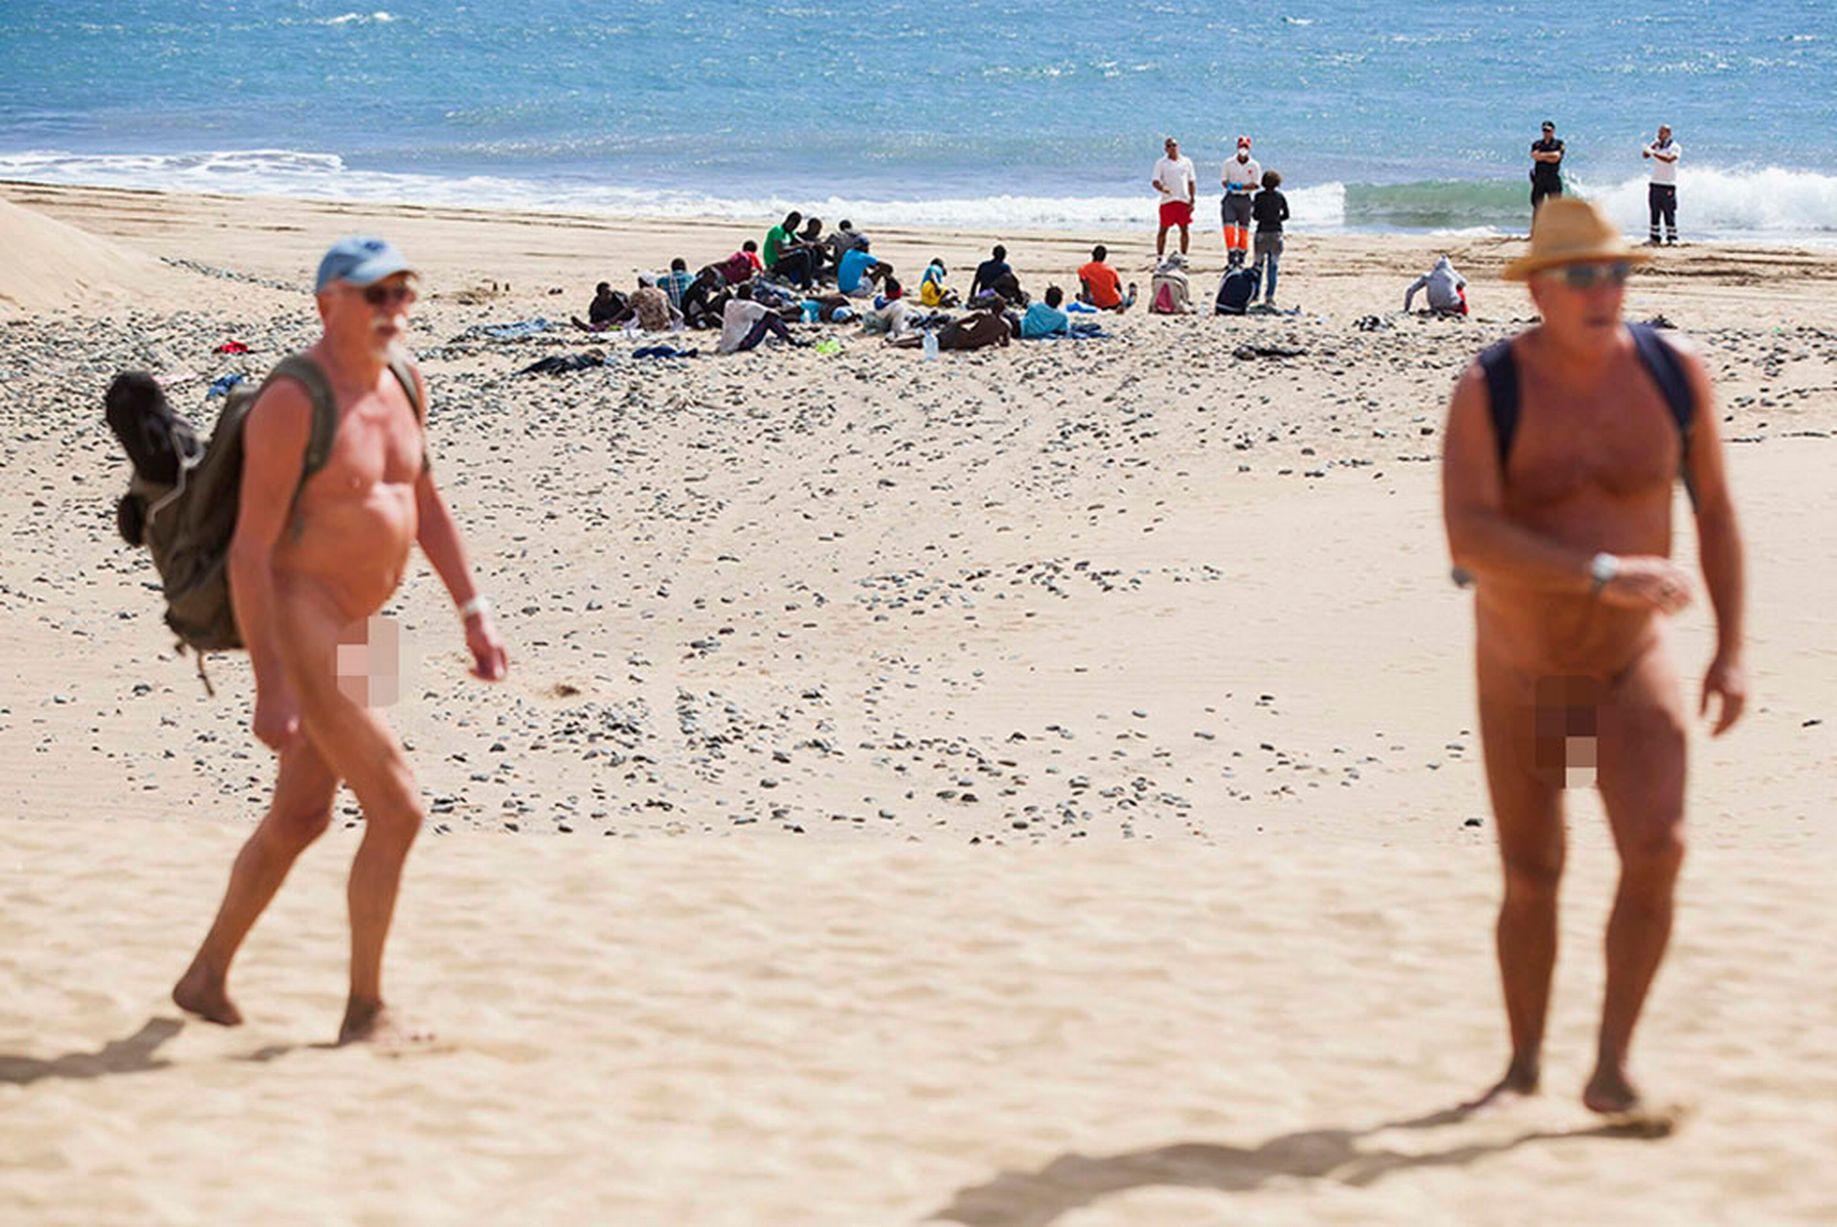 Sicilia beach nude